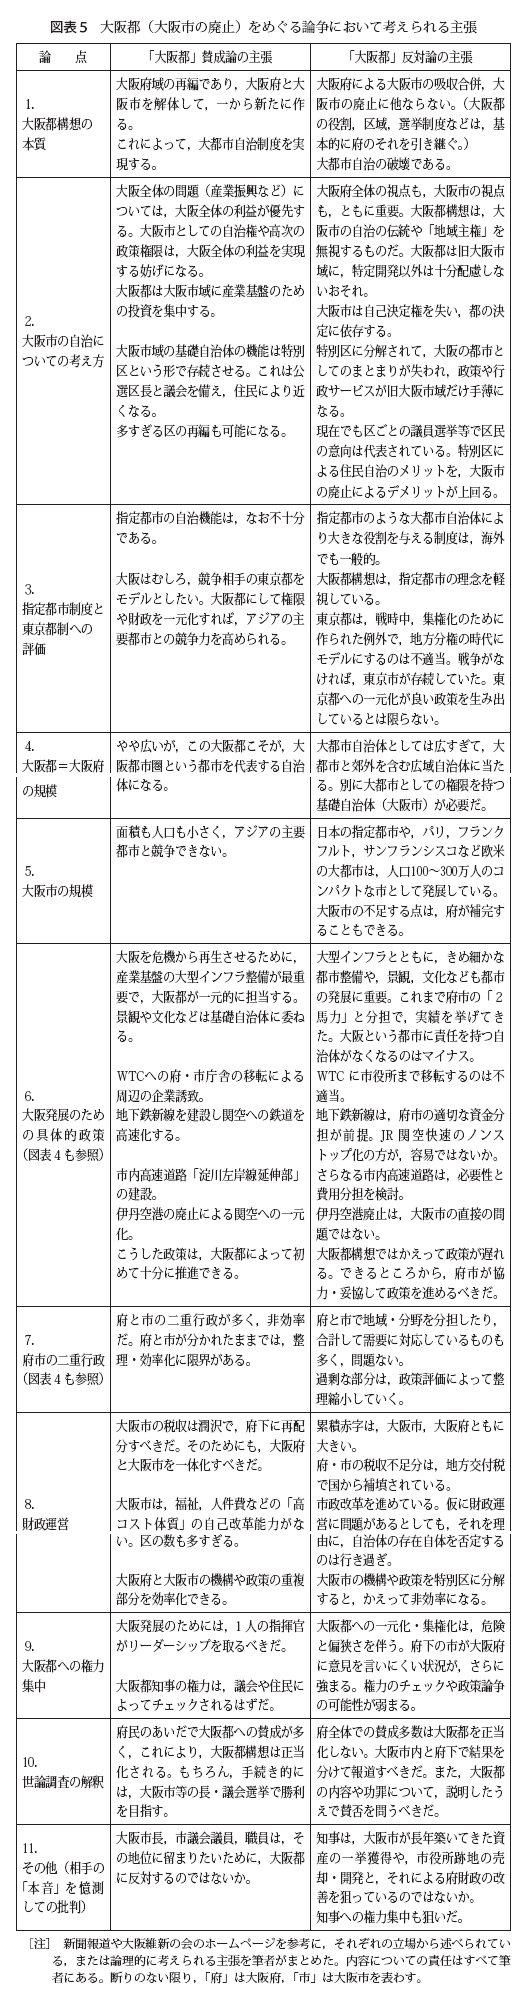 大阪都をめぐる論争における主張.jpg